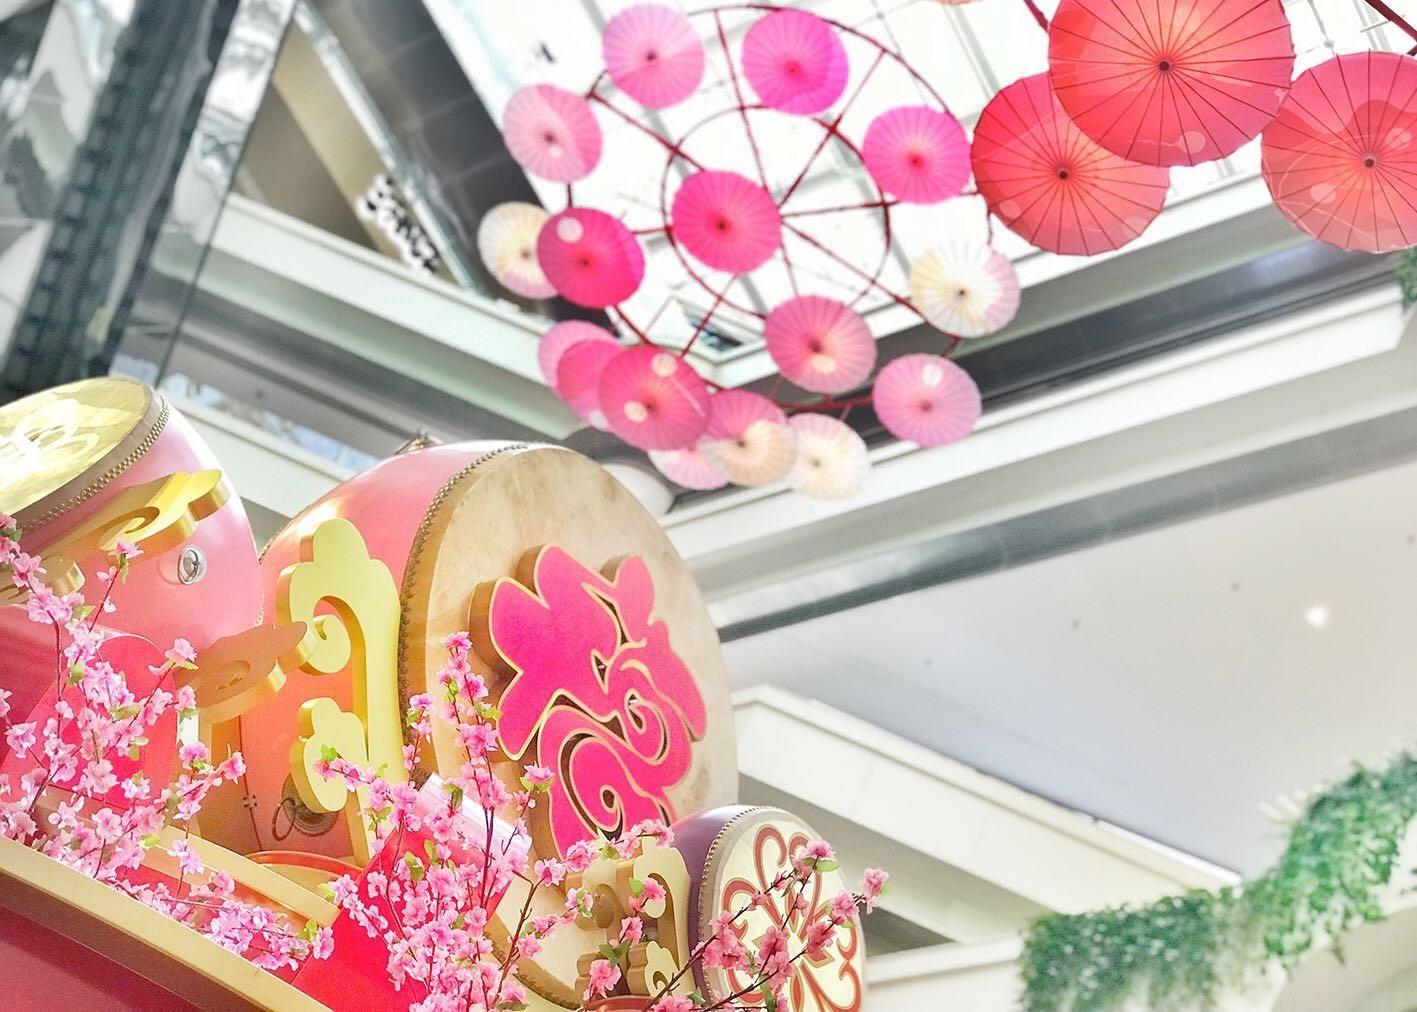 春节期间广州各大购物中心的美陈集锦